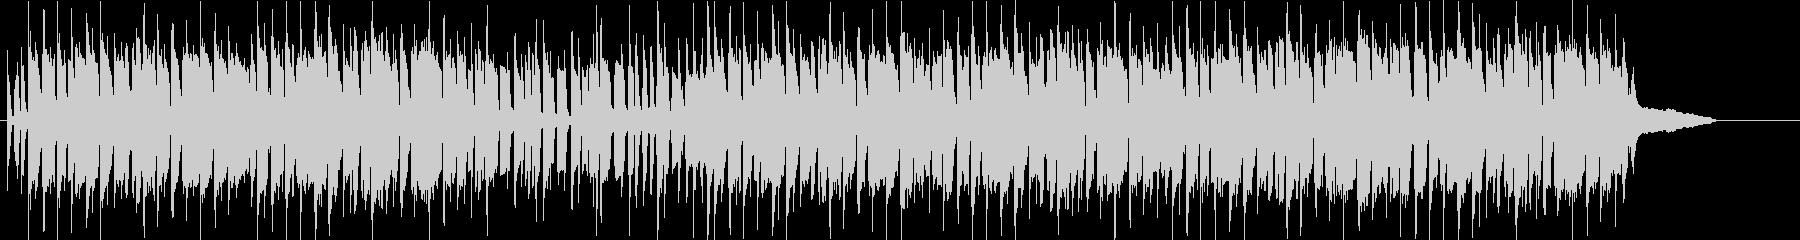 バンジョー・フィドルの楽しく明るい曲の未再生の波形